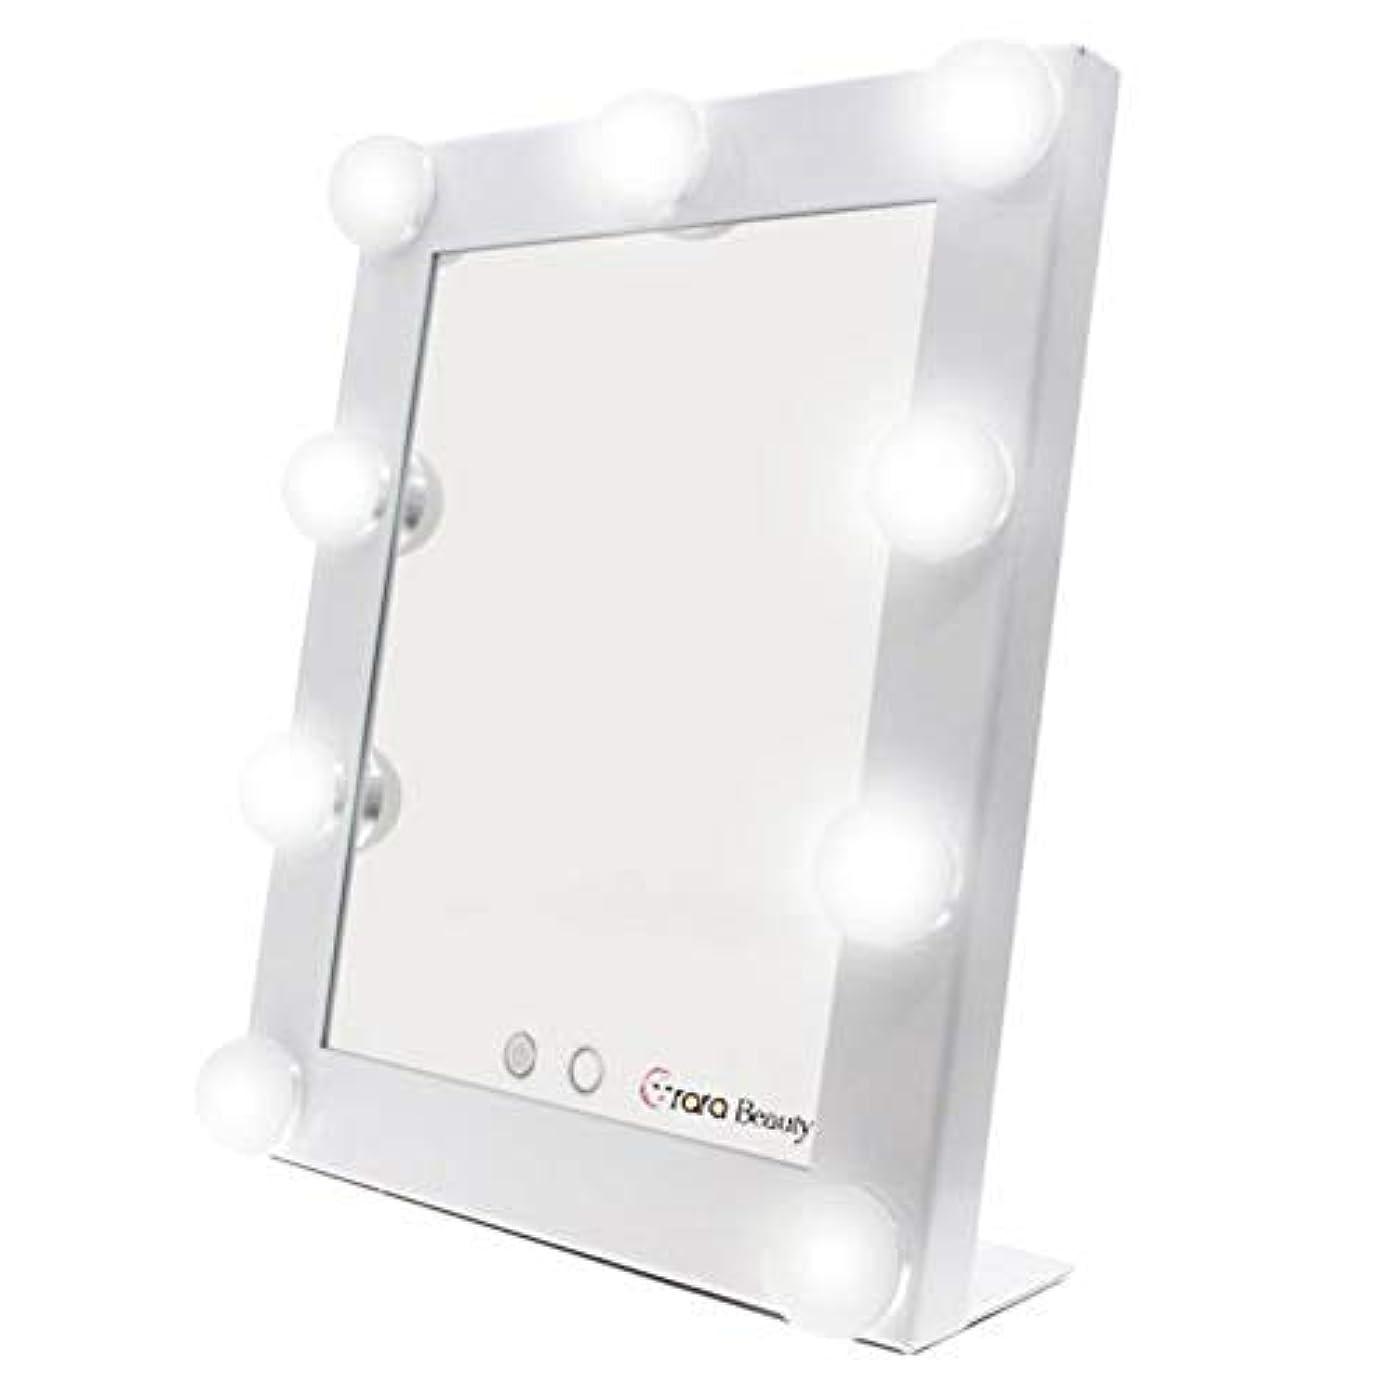 息切れ伝染病受信lily's JP home 化粧鏡 女優ミラー 化粧ミラー メイクアップミラー LEDライト付き ハリウッド式 9*3WLED電球付き 2way給電タイプ 卓上ミラー (ホワイト)